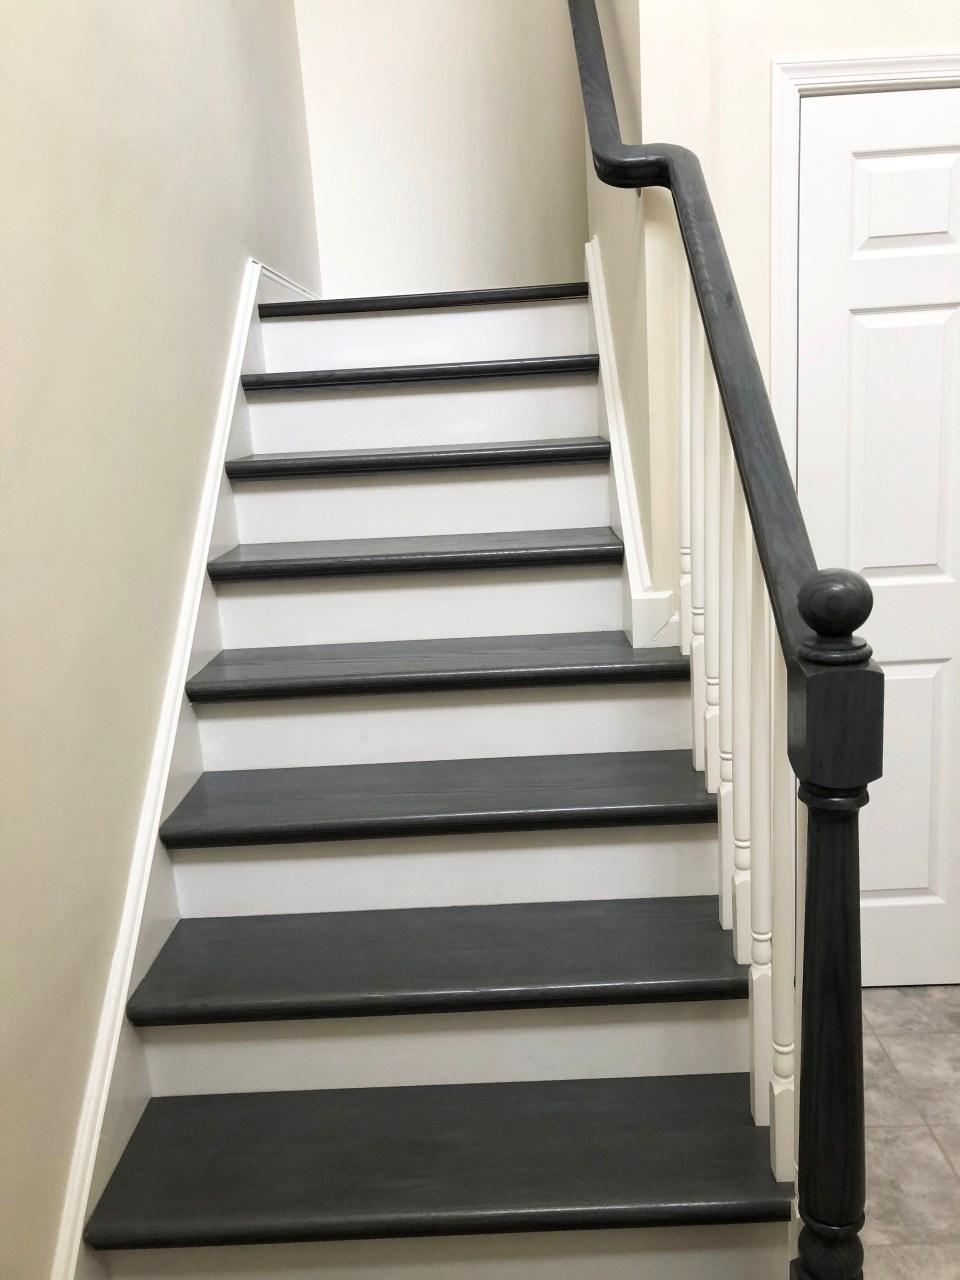 Foyer - Stairs Update 27